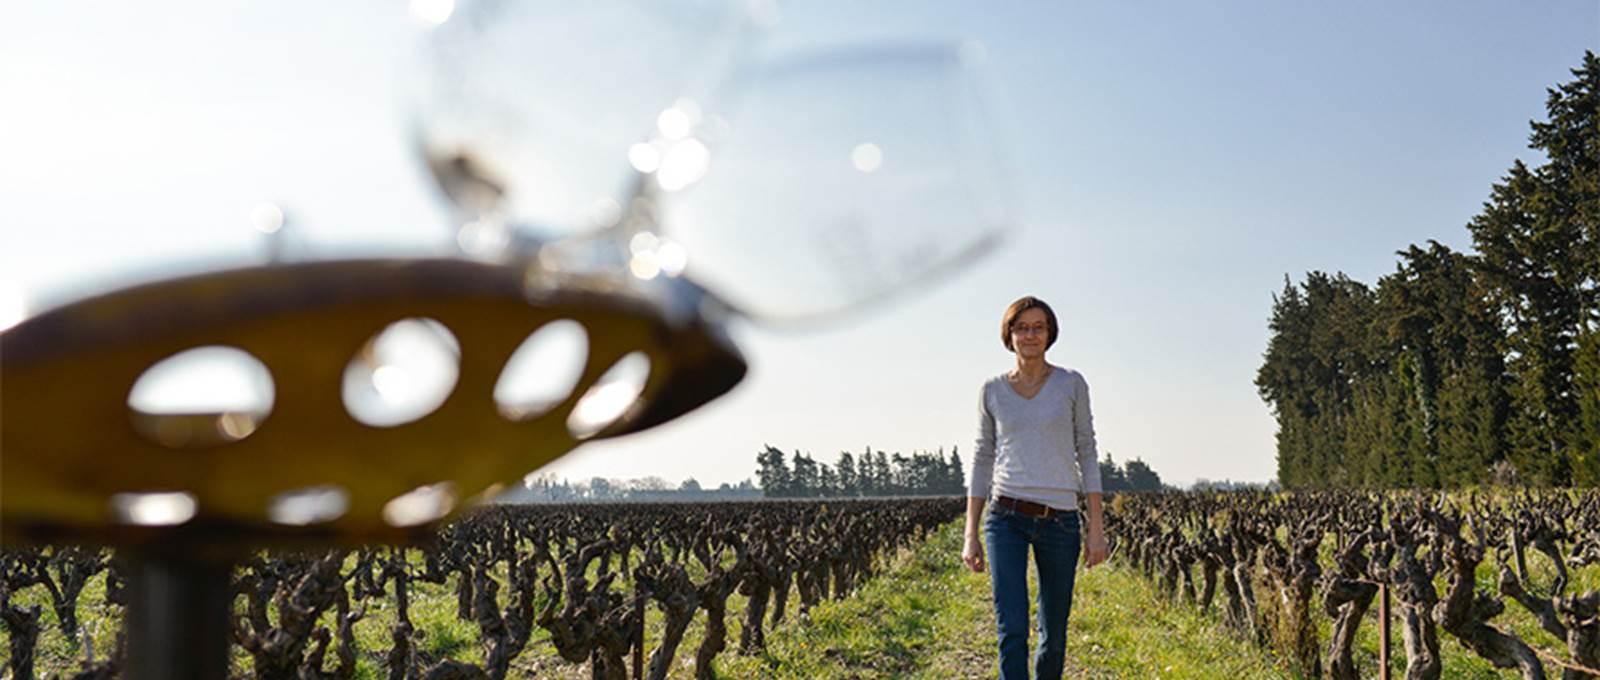 domaine-vins-cotes-du-rhone-vin-plan-de-dieu-2